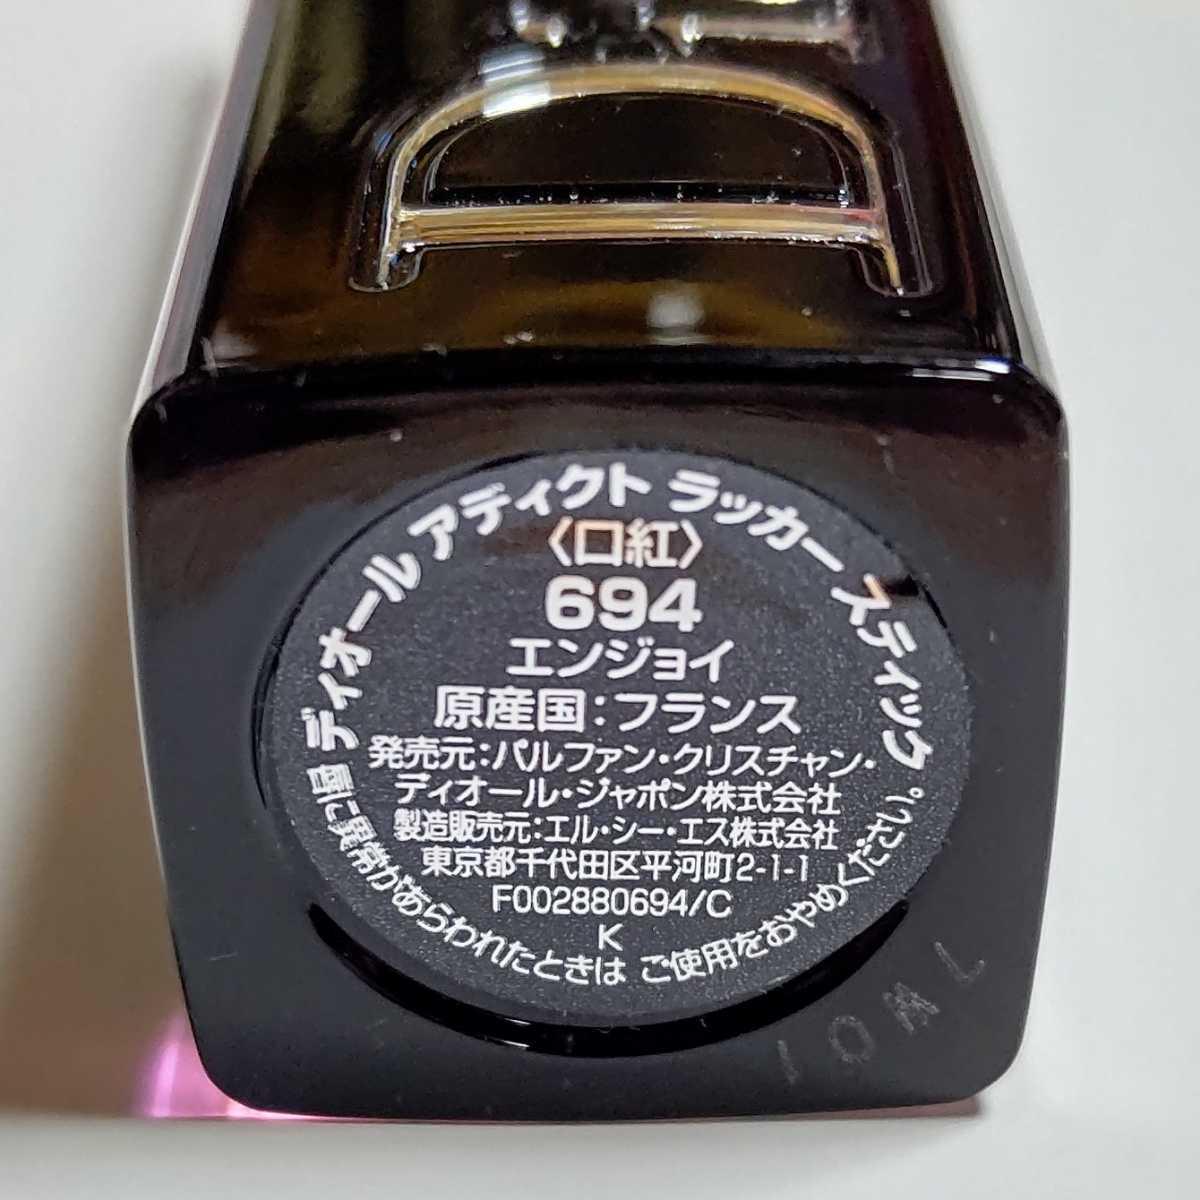 ディオール★アディクトラッカースティック 694 エンジョイ 口紅 リップ フランス製 Dior